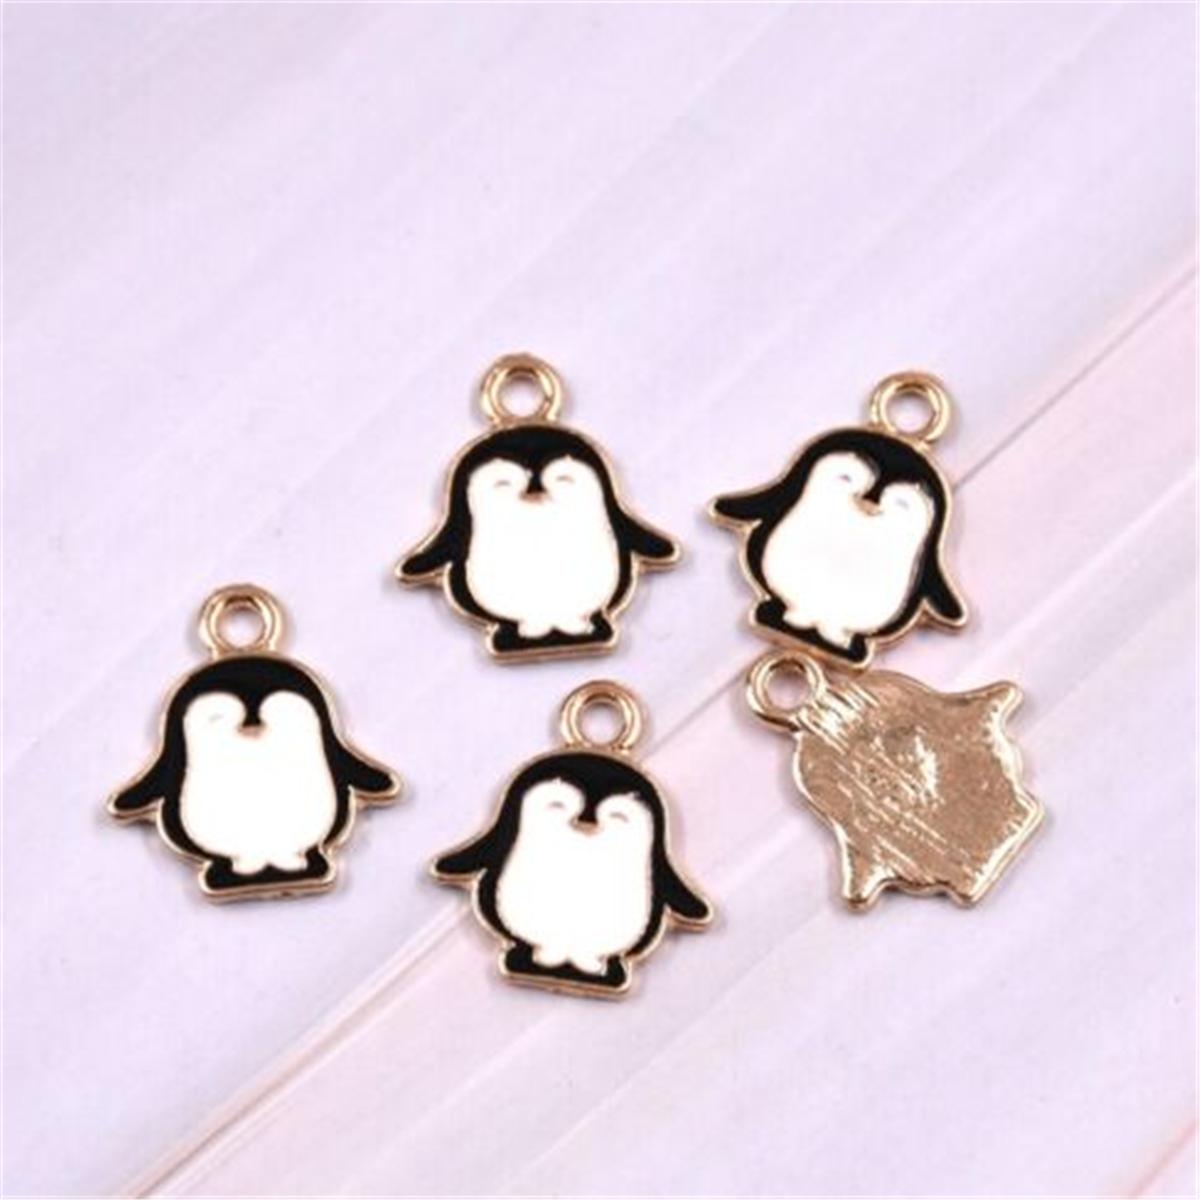 10pcs Cute Enamel Cartoon Penguin Charms Pendant Animals DIY Necklace Bracelet